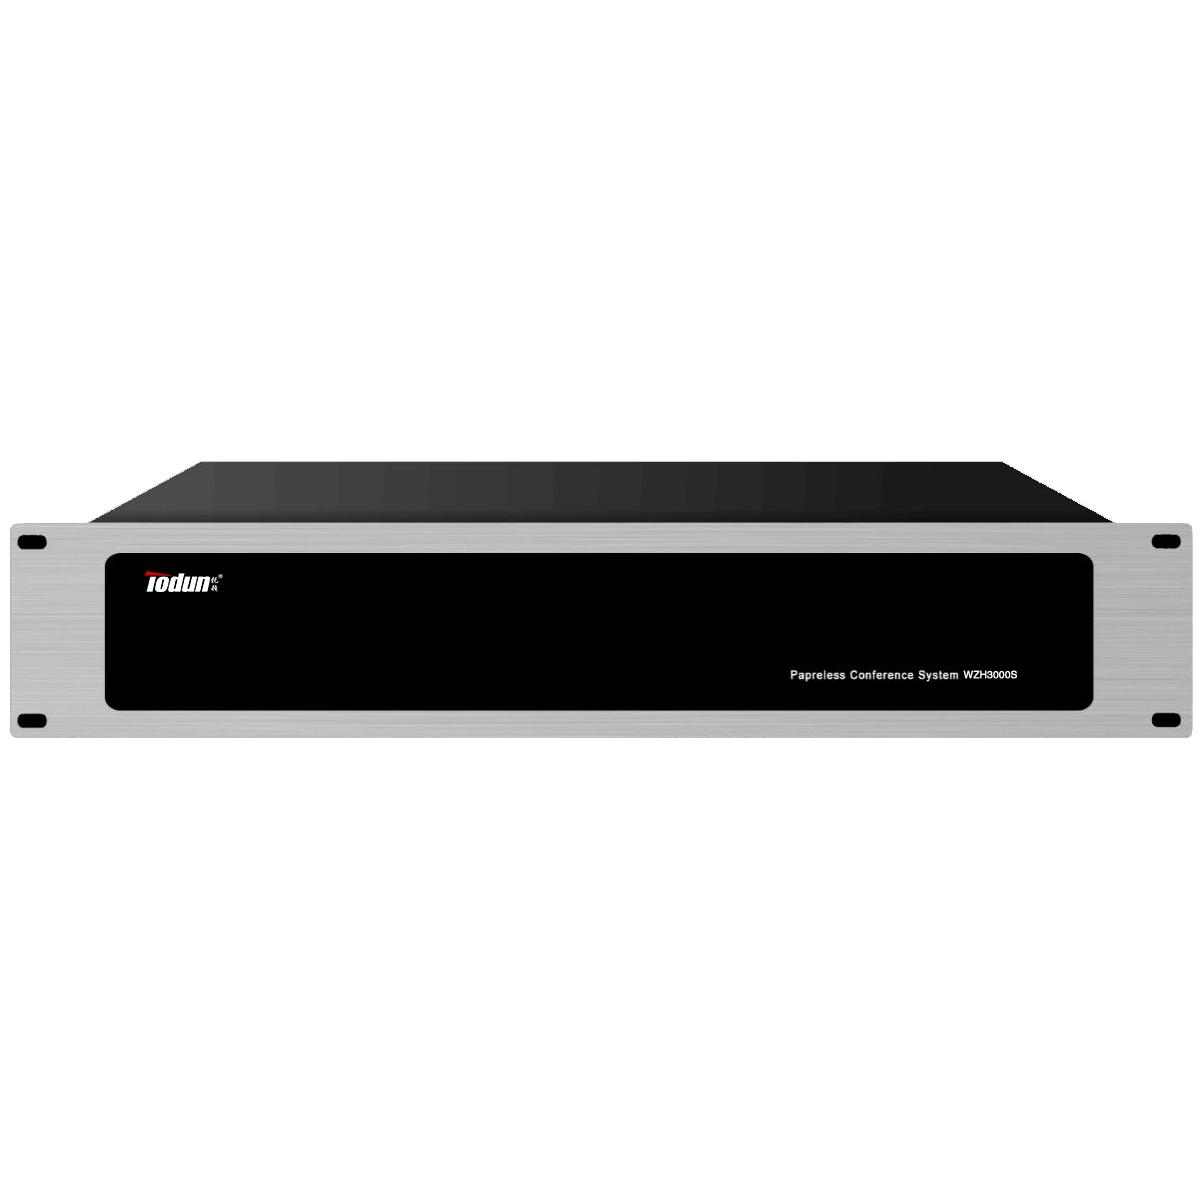 托顿WZH3000S 无纸化会议系统 流媒体服务器(可选)